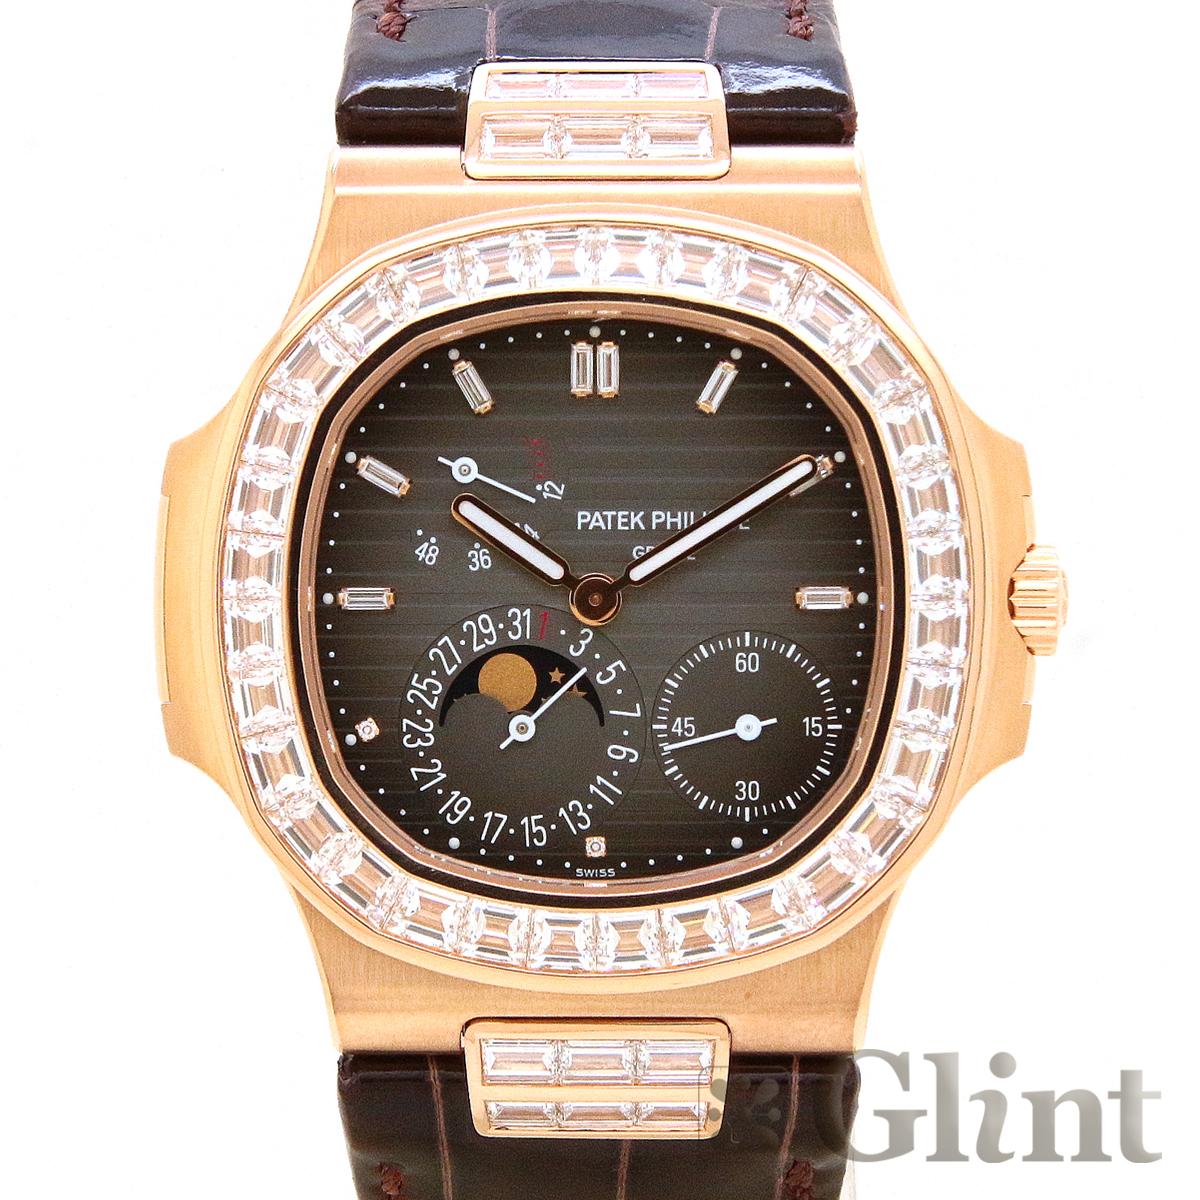 パテックフィリップ (PATEK PHILIPPE)ノーチラス 5724R-001 バゲットダイヤモンド ローズゴールド〔新品〕〔腕時計〕〔メンズ〕〔純正品〕